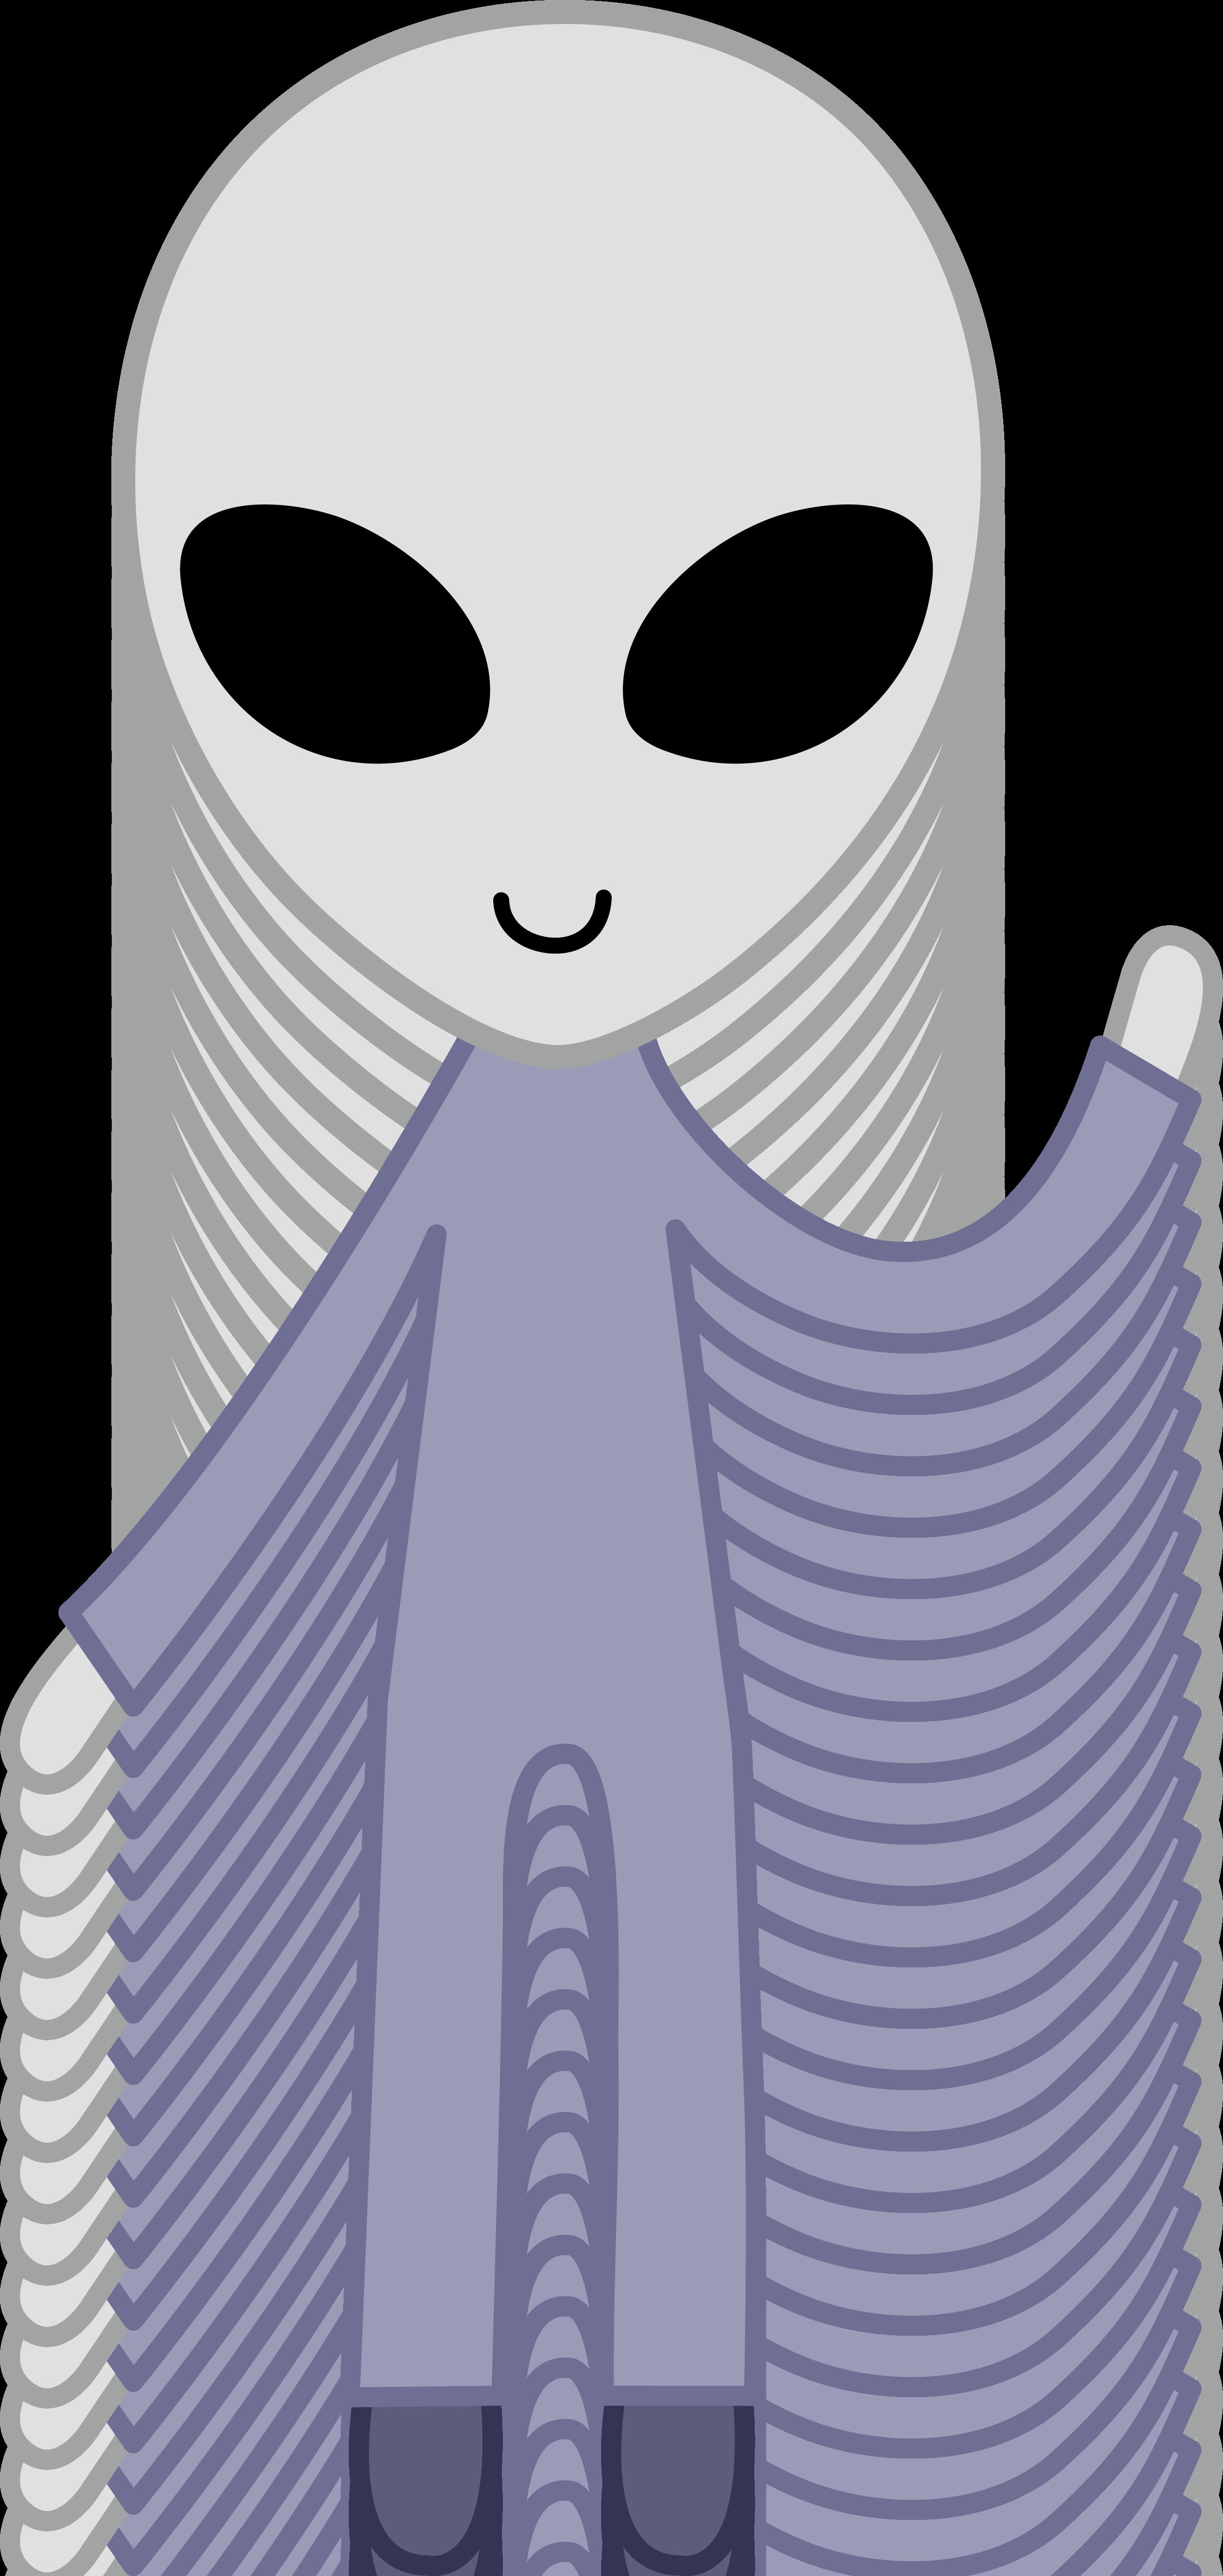 Aliens clipart friendly. Grey space alien free